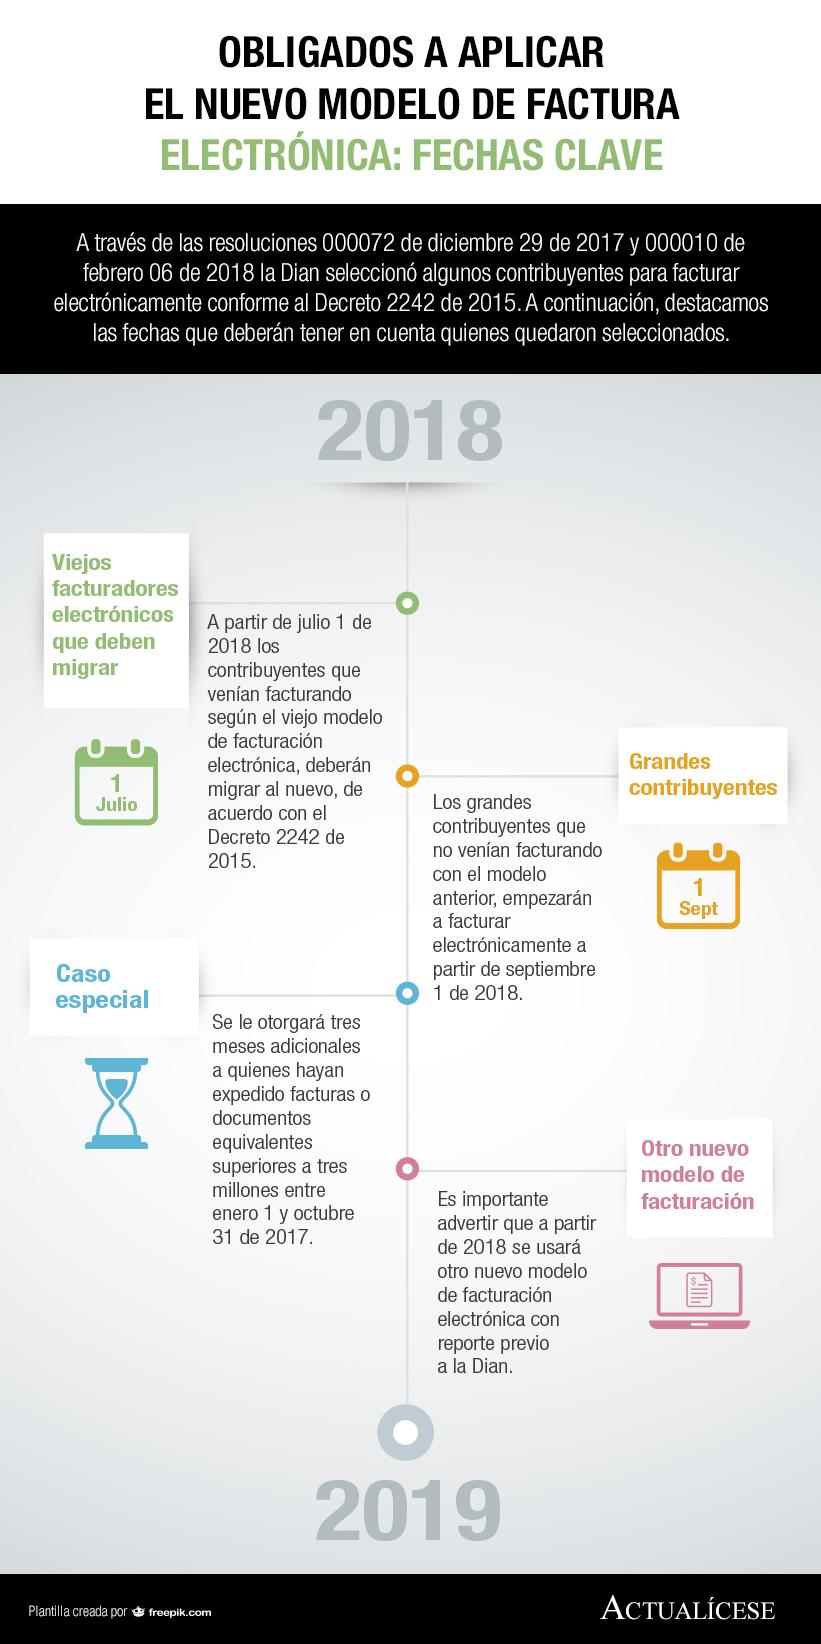 [Infografía] Obligados a aplicar el nuevo modelo de factura electrónica: fechas clave